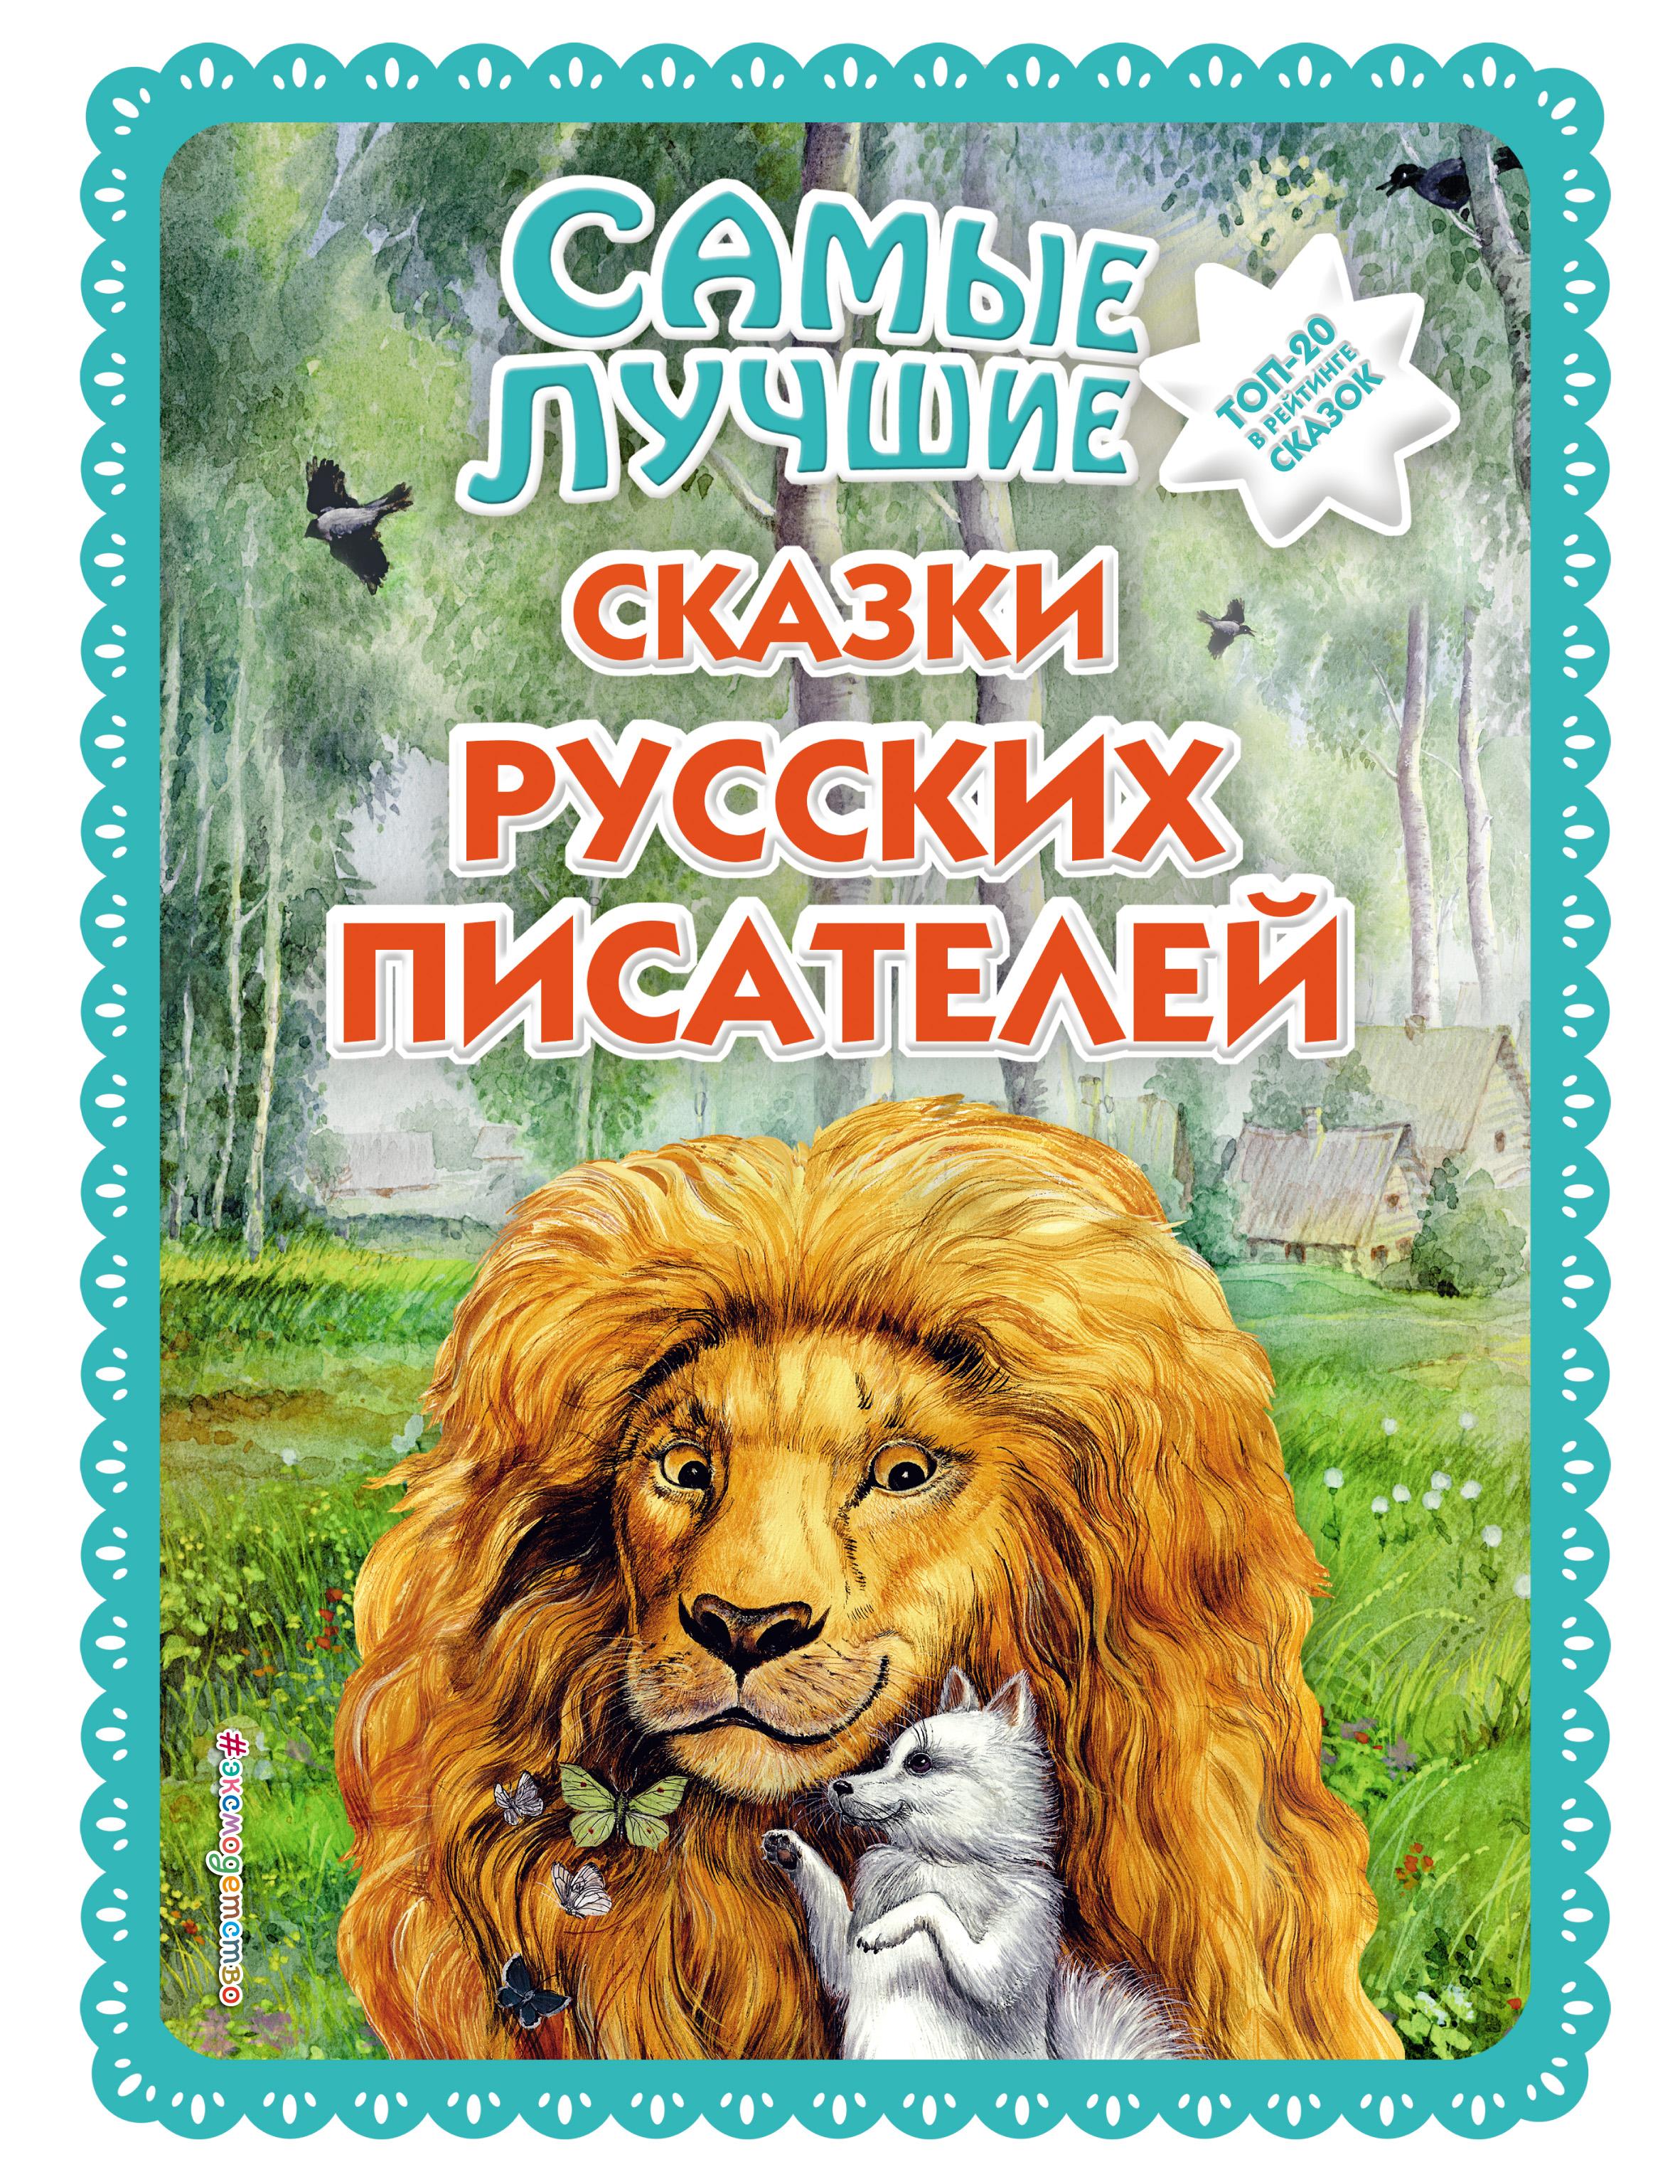 цена на Коллектив авторов Самые лучшие сказки русских писателей